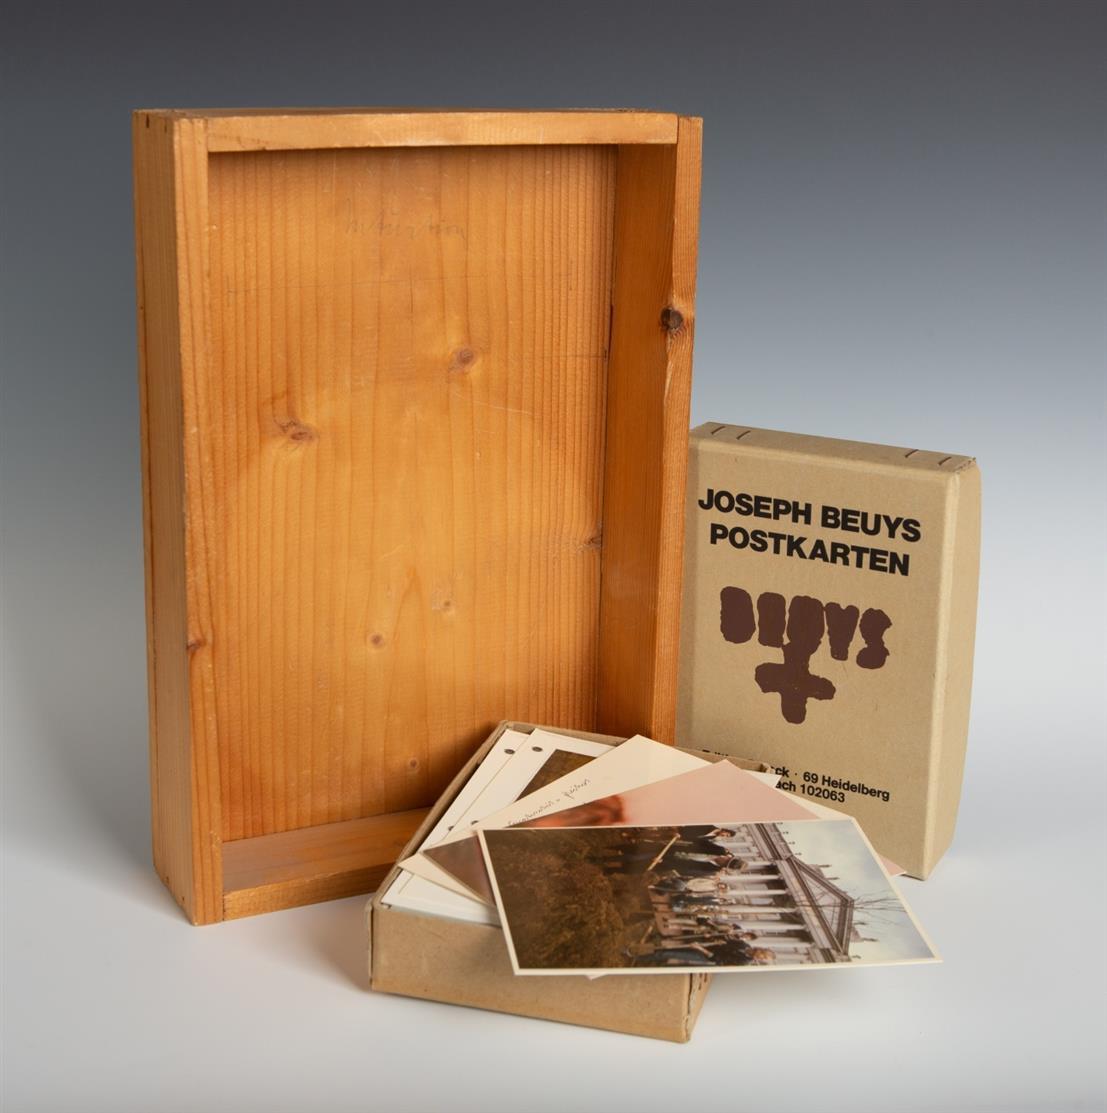 Joseph Beuys. Intuition. 1968. Holzkiste mit Bleistiftzeichnung, genagelt. Signiert. Schellmann 7. + 1 Beilage: J. Beuys. Postkarten. Edition Staeck.